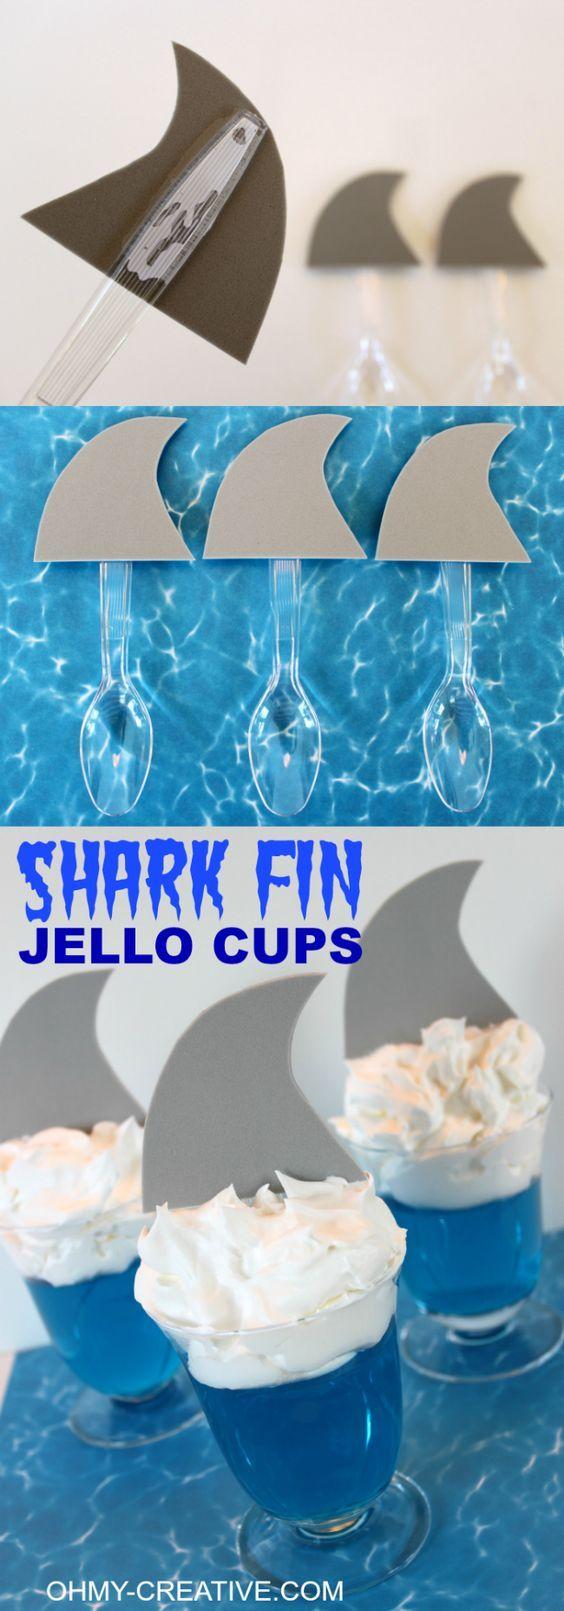 best 25 shark fin ideas on pinterest shark week 2016 what are